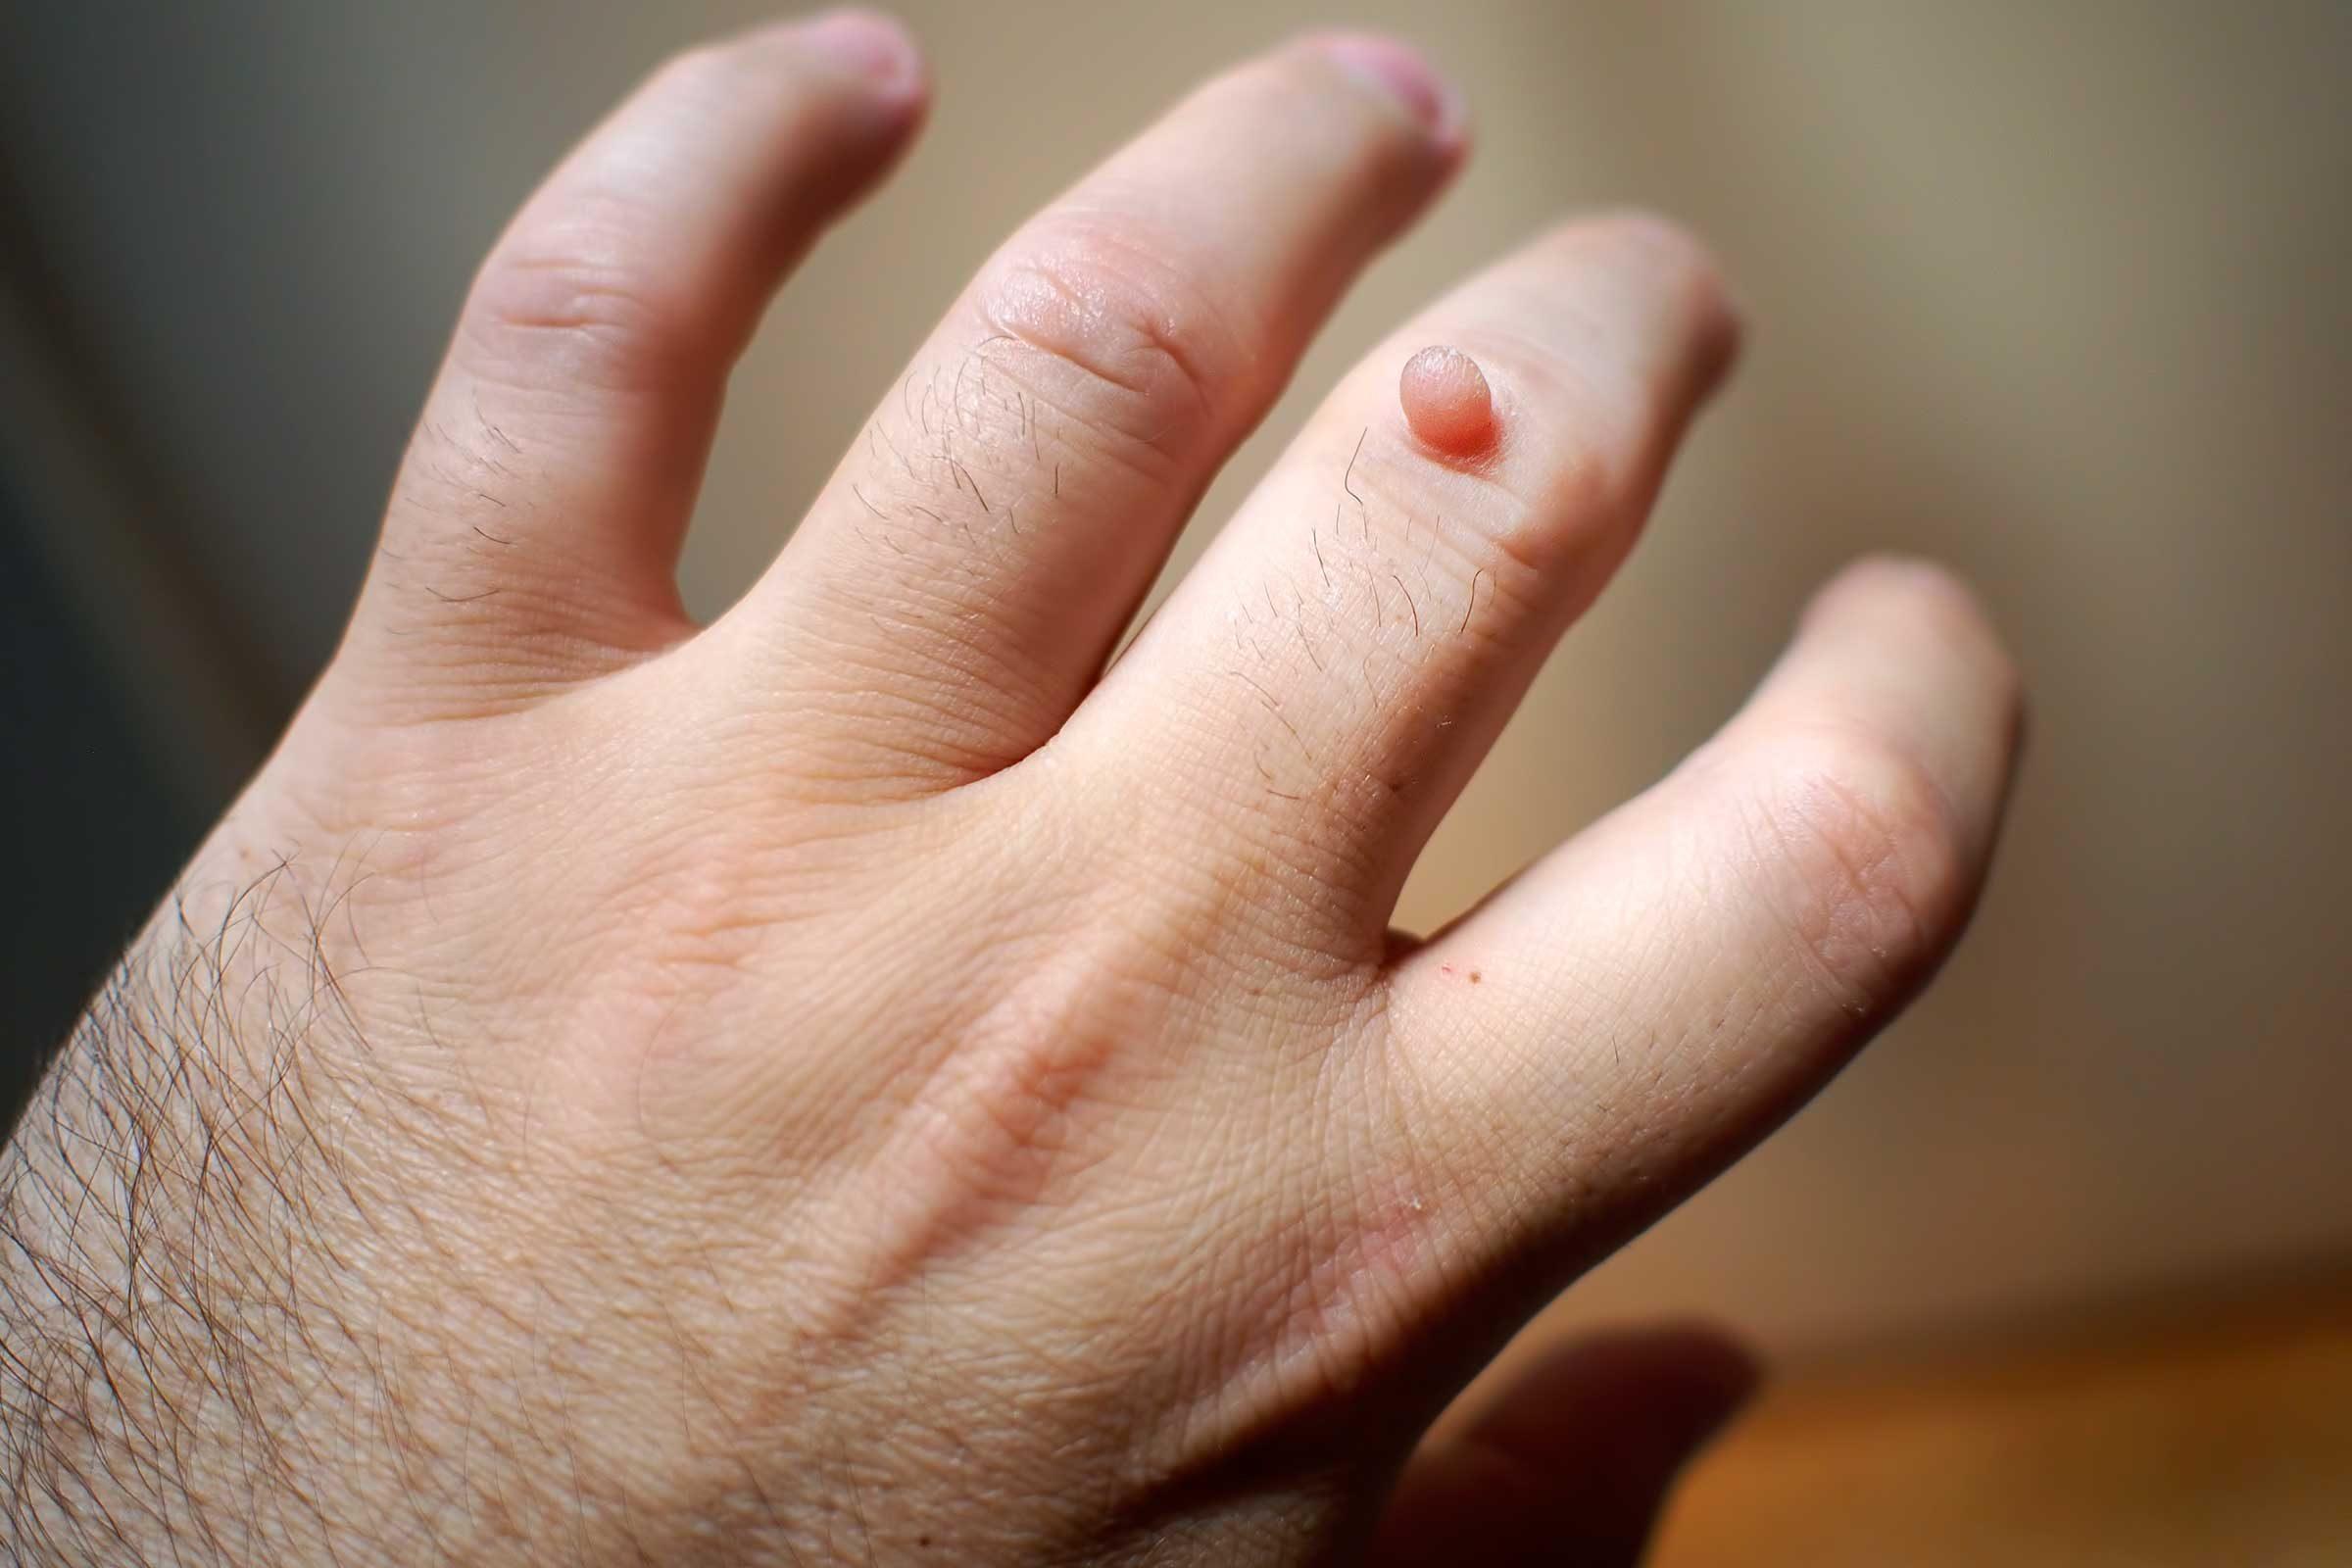 warts treatment at home)